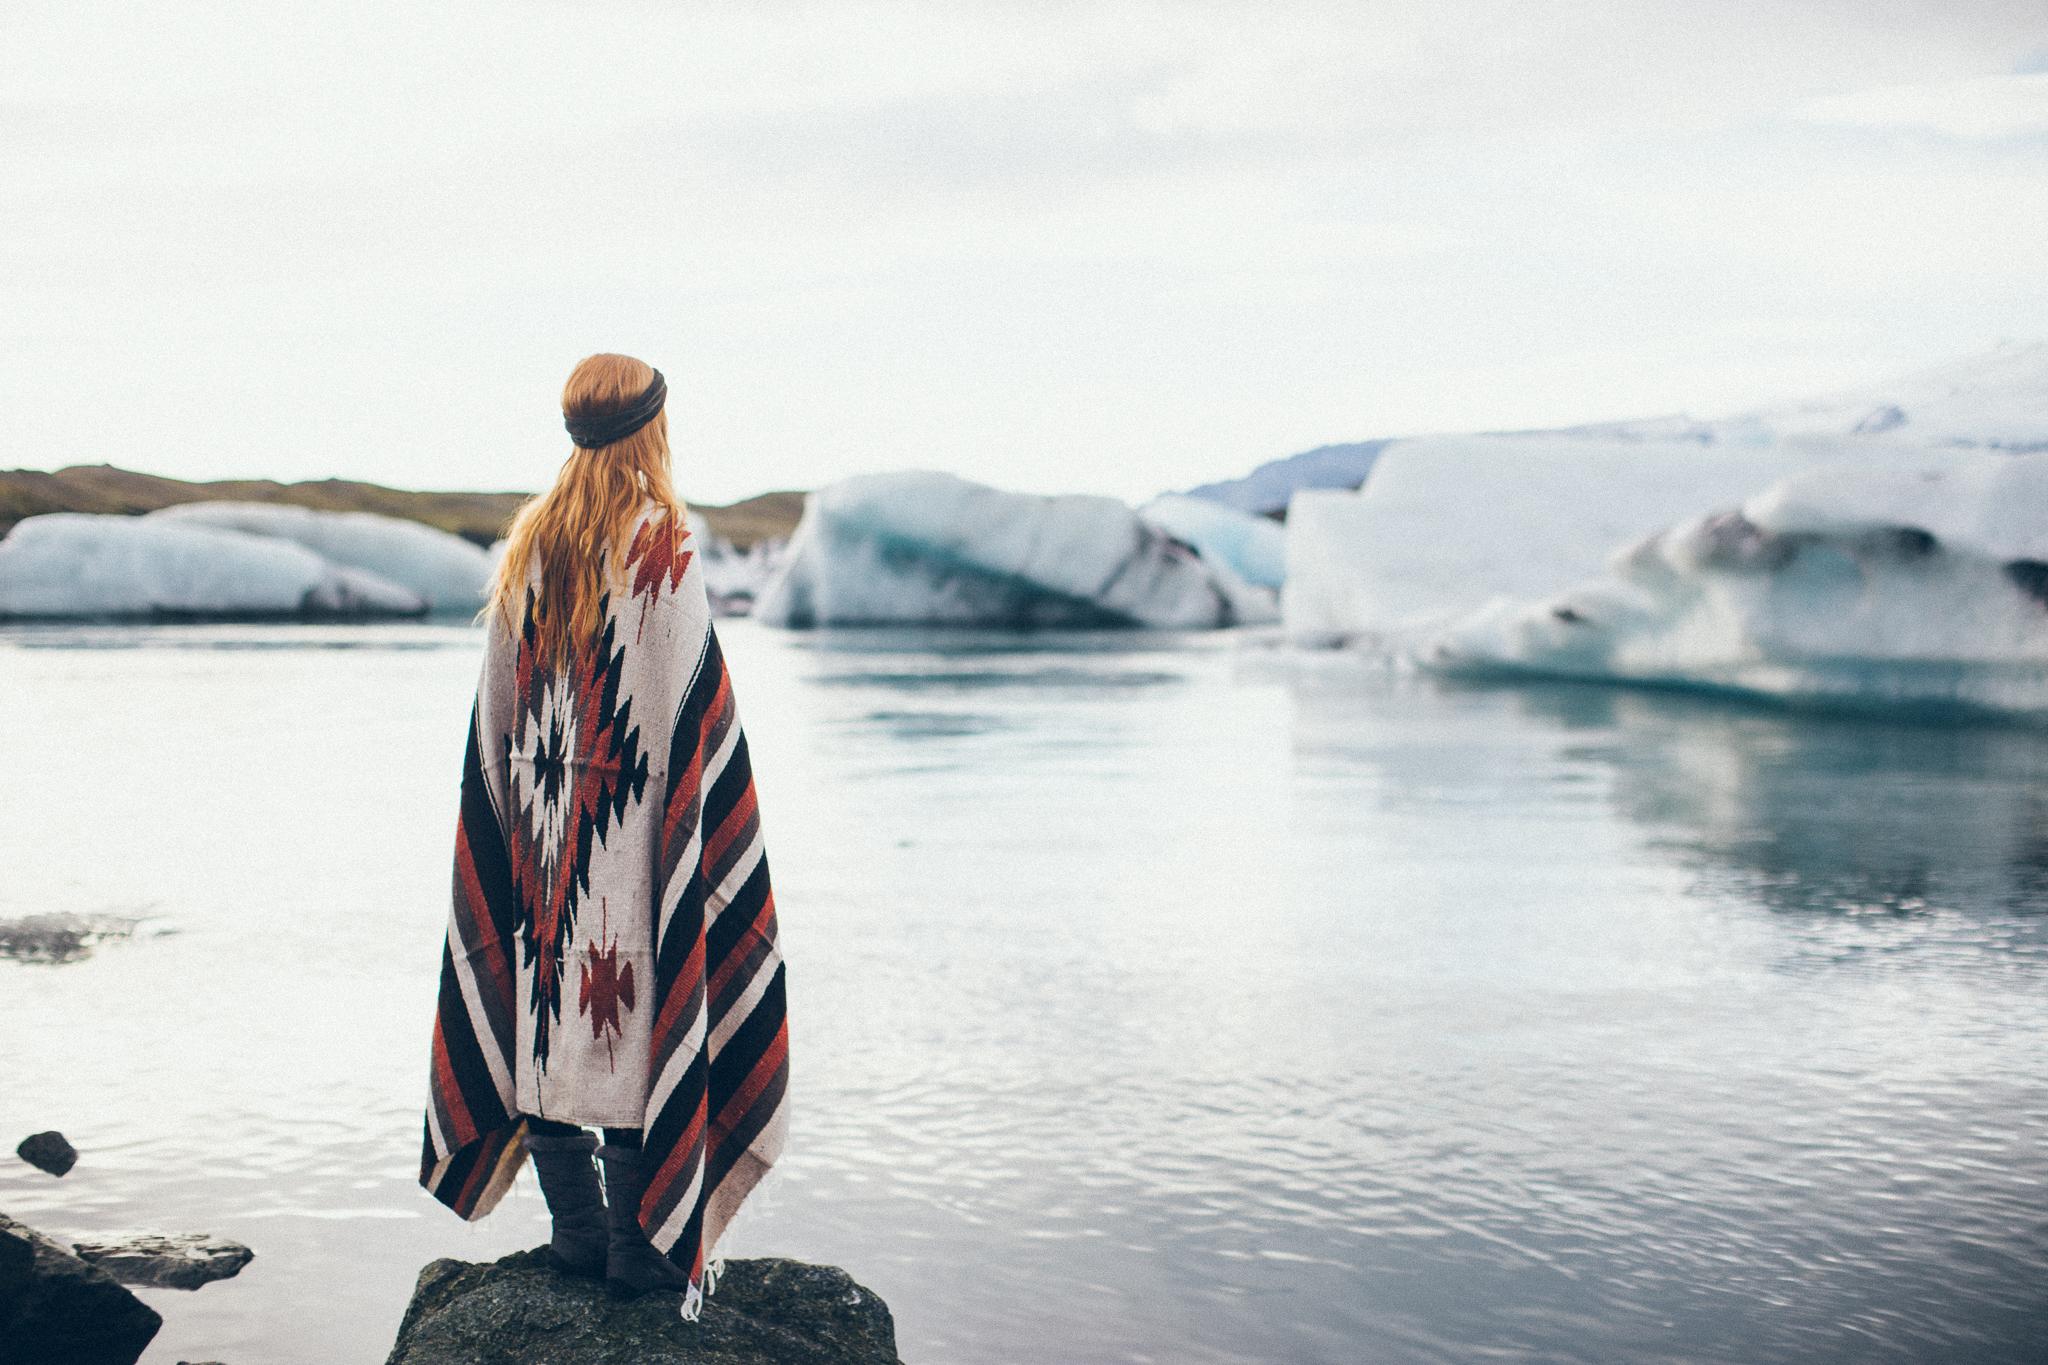 Iceland_BEC 026 [Image by Jarrad Seng].jpg